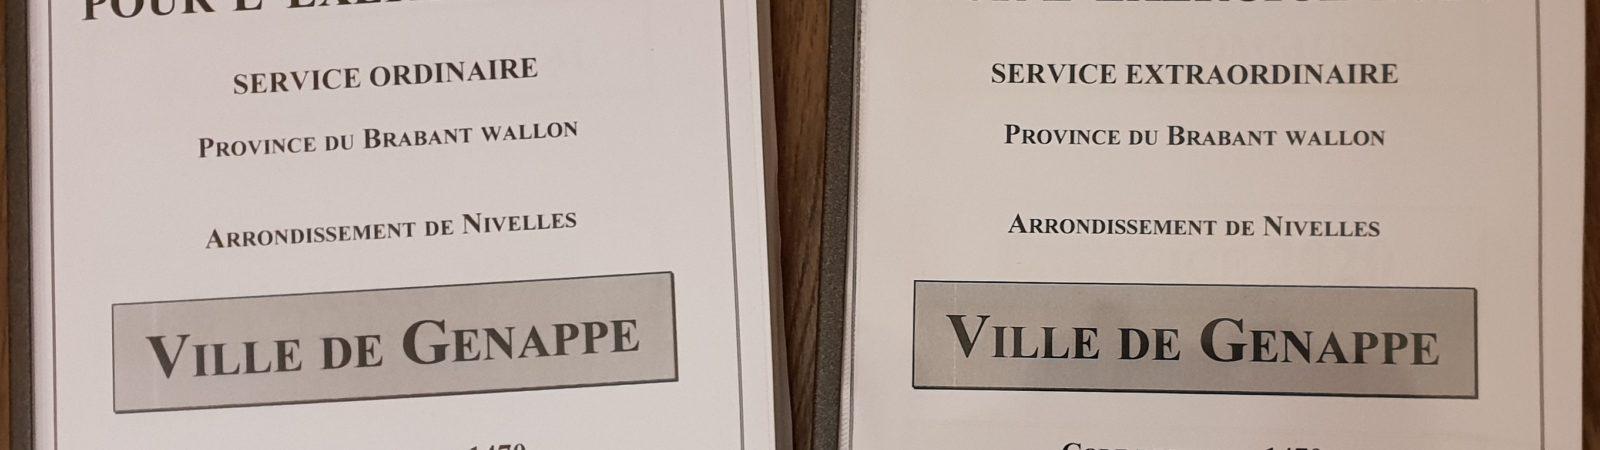 Budget communal 2020 Ville de Genappe